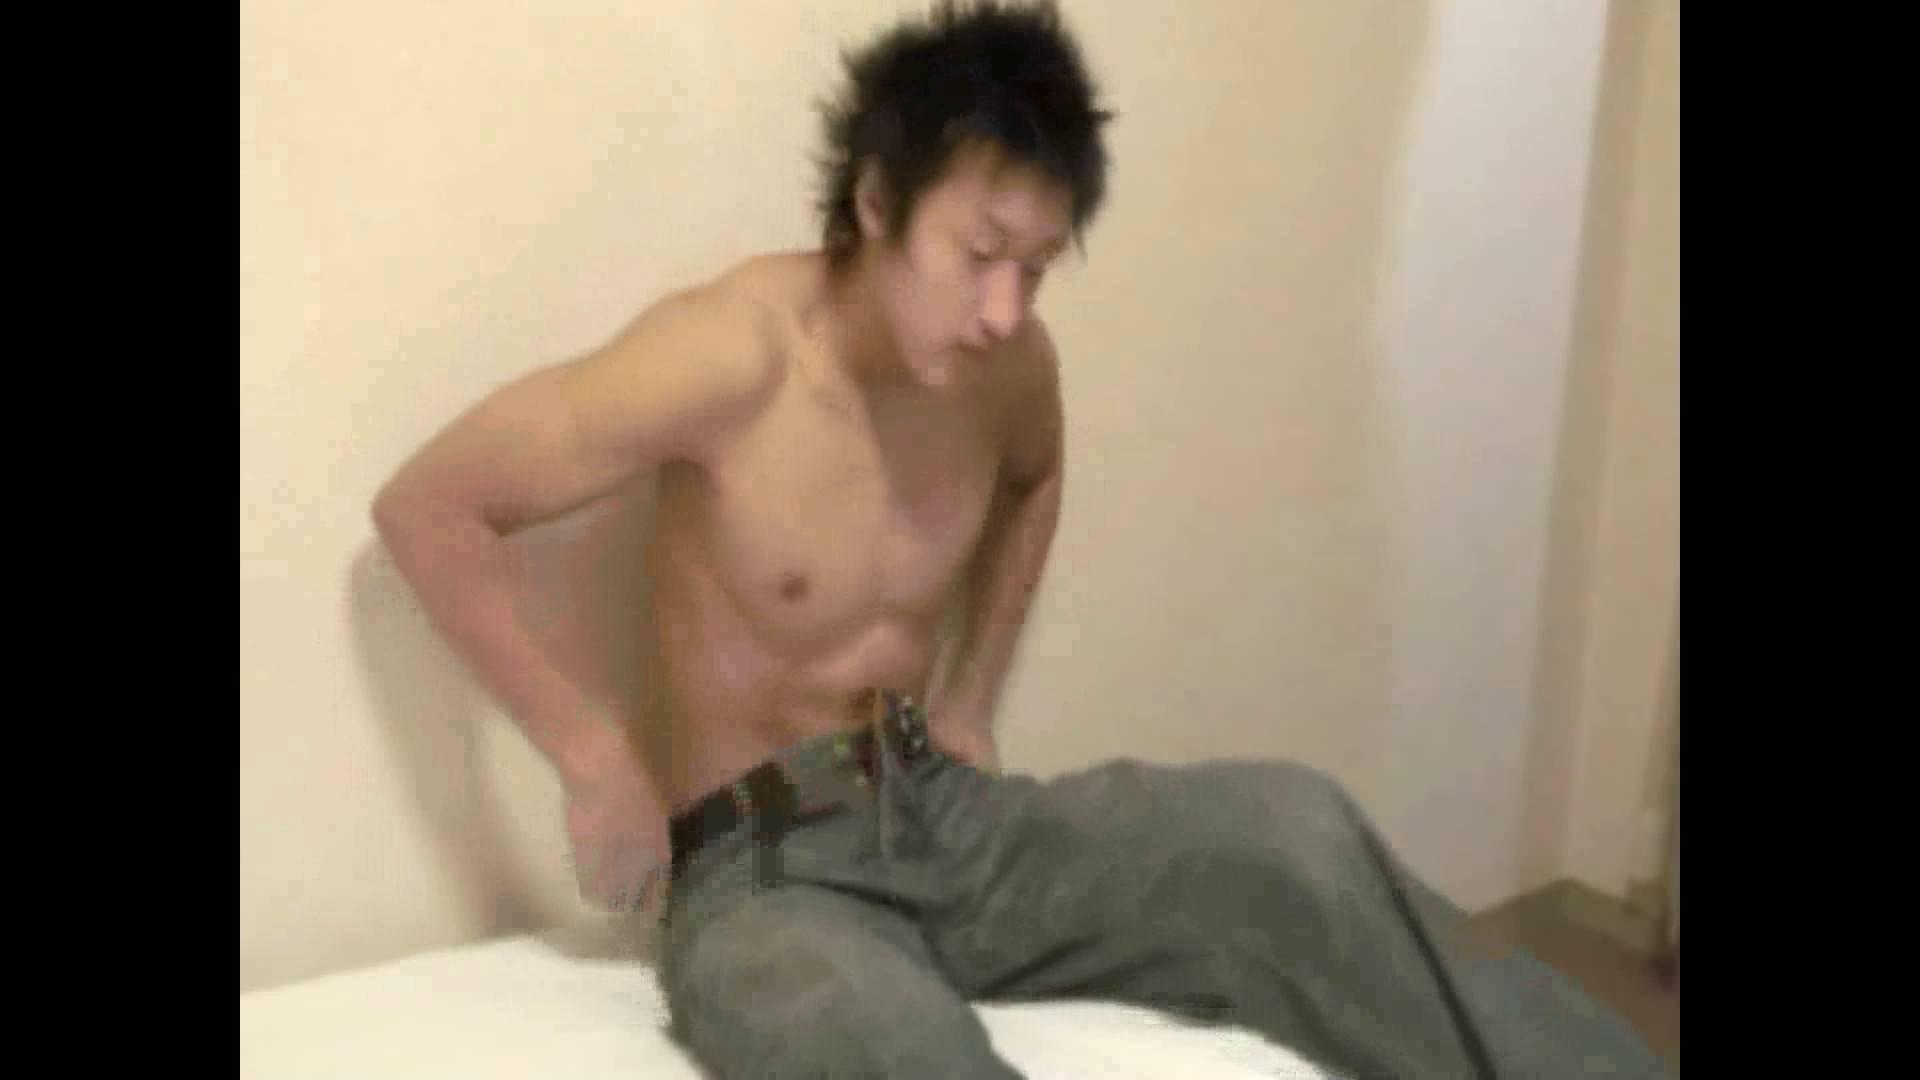 イカせ屋 Vol.03 イメージ (sex) ゲイエロ画像 115枚 41